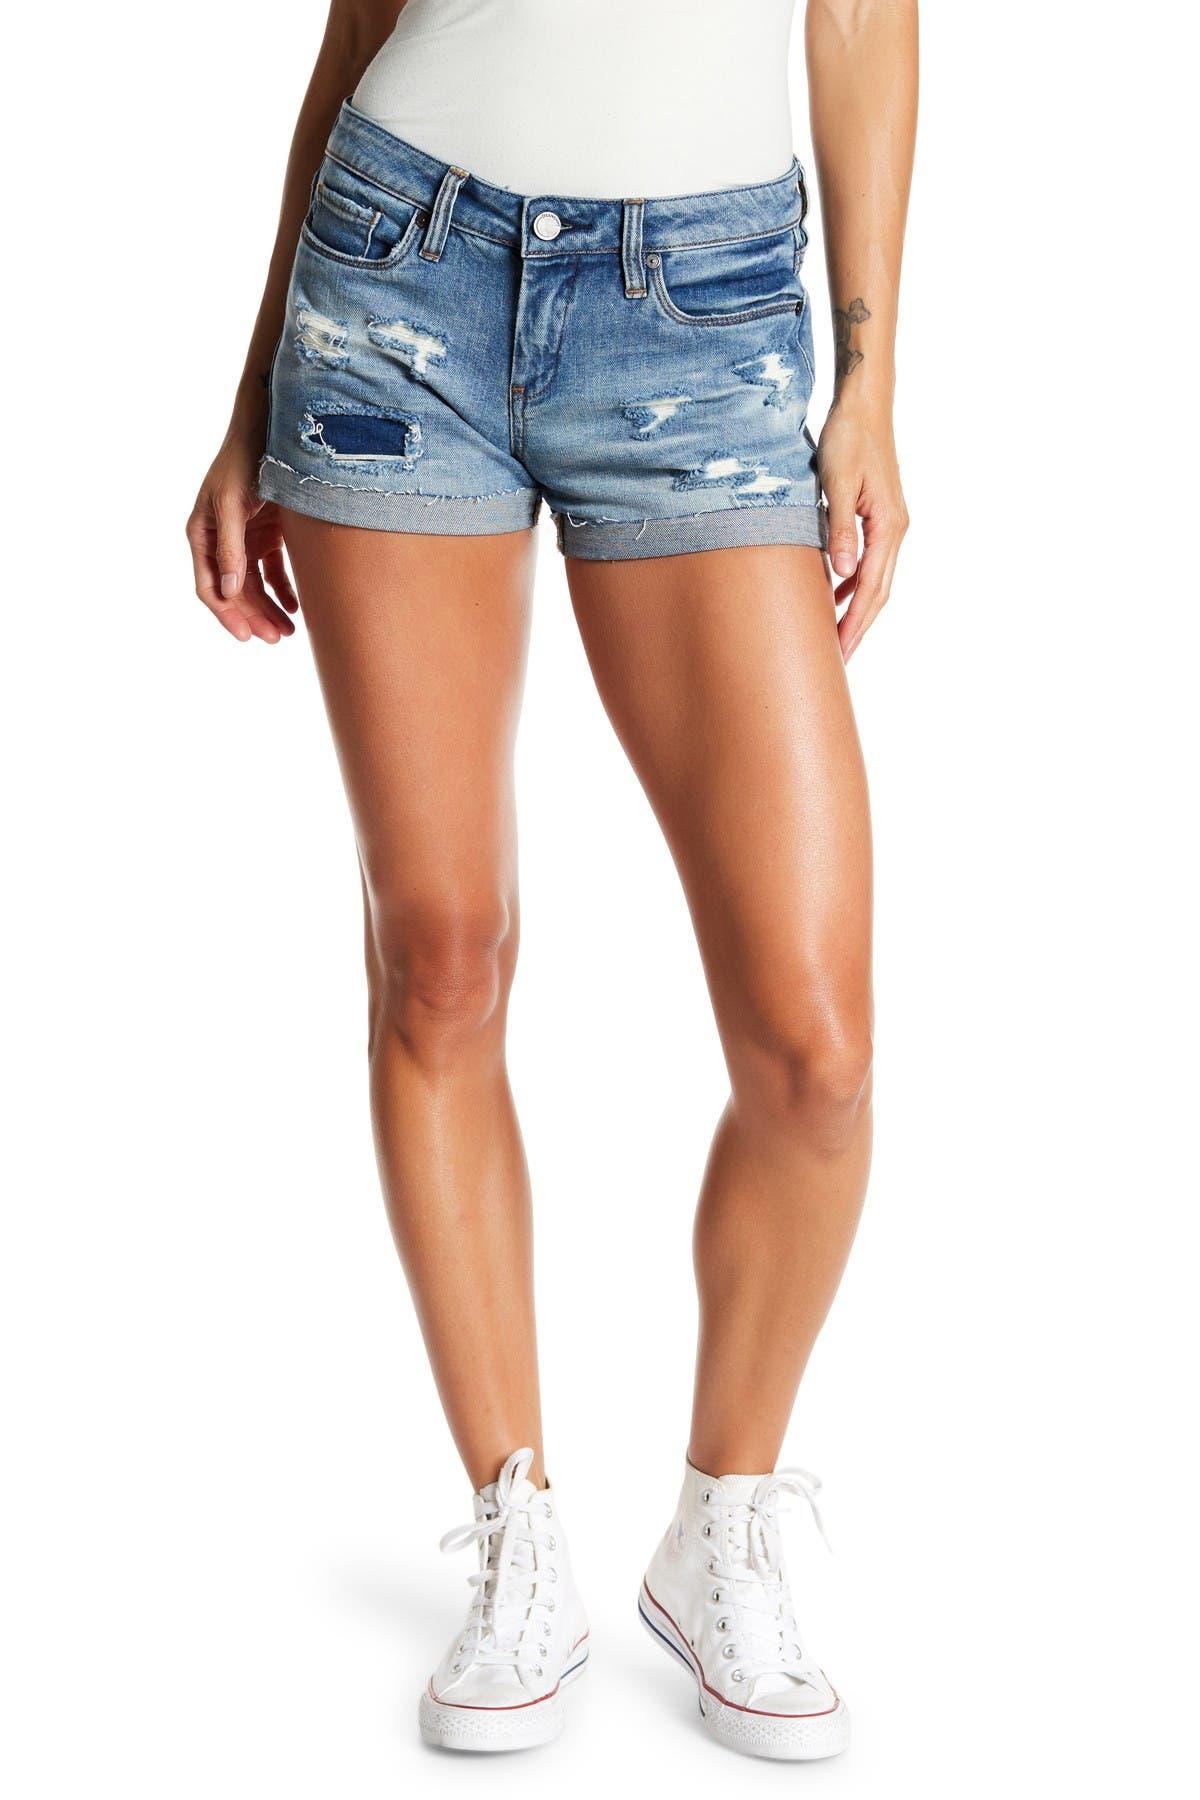 Image of BLANKNYC Denim Distressed Cuffed Denim Shorts